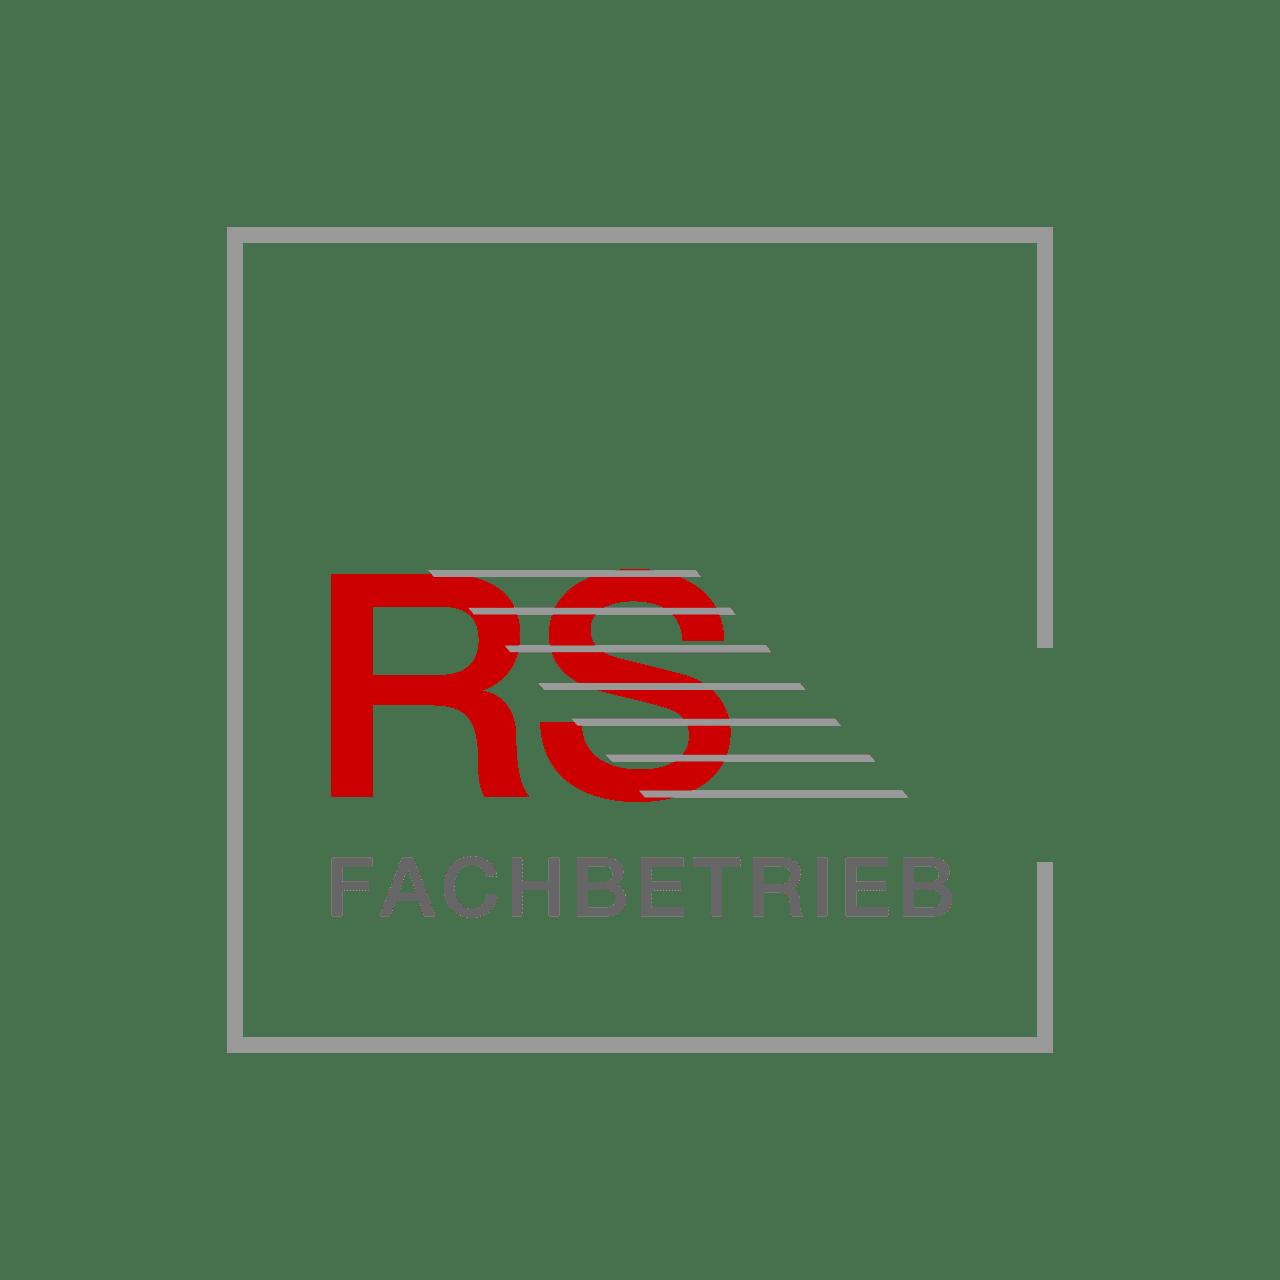 RS Fachbetrieb